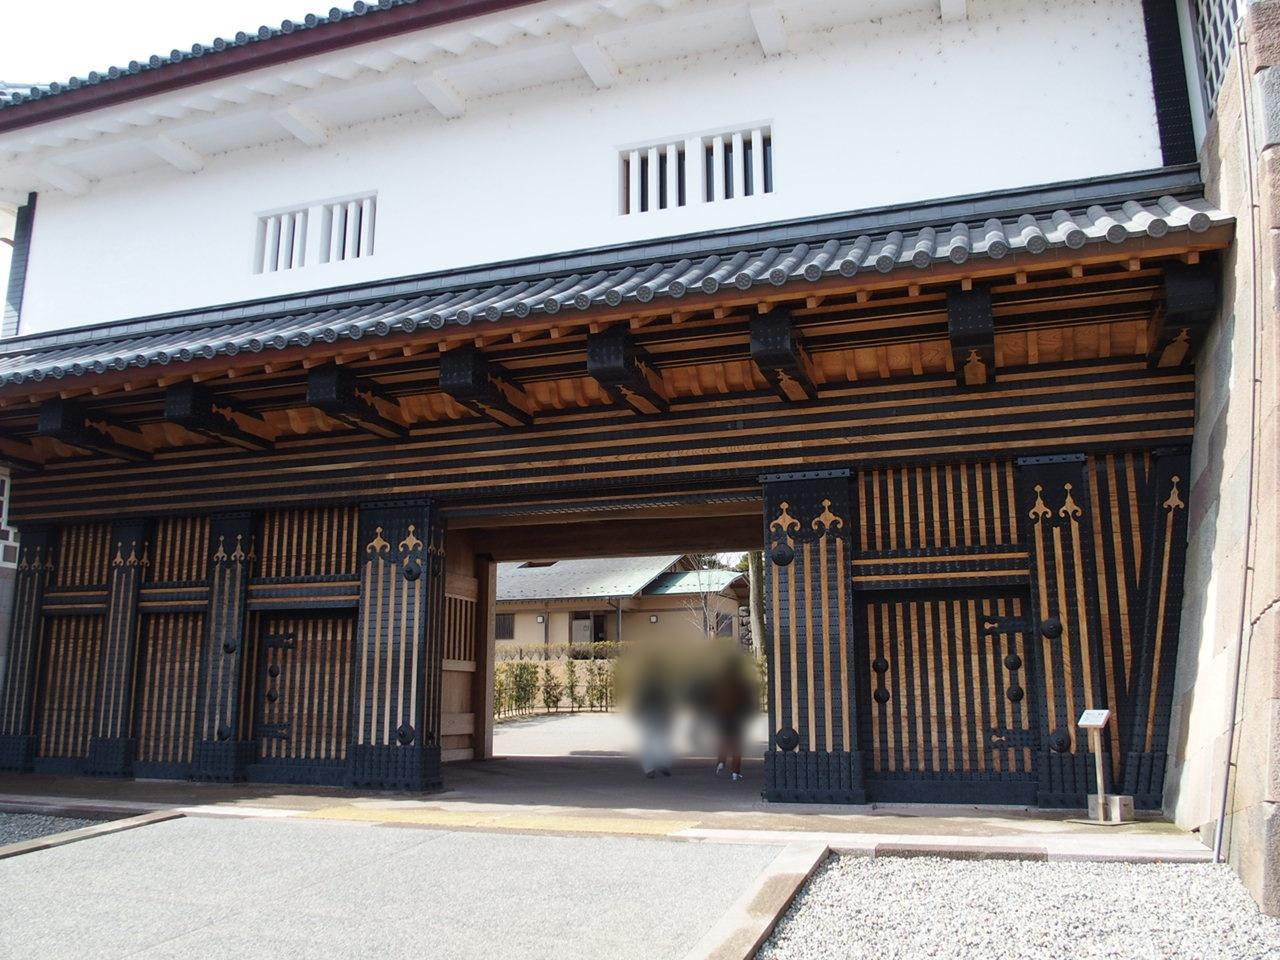 金沢城公園の見どころのひとつ橋爪門